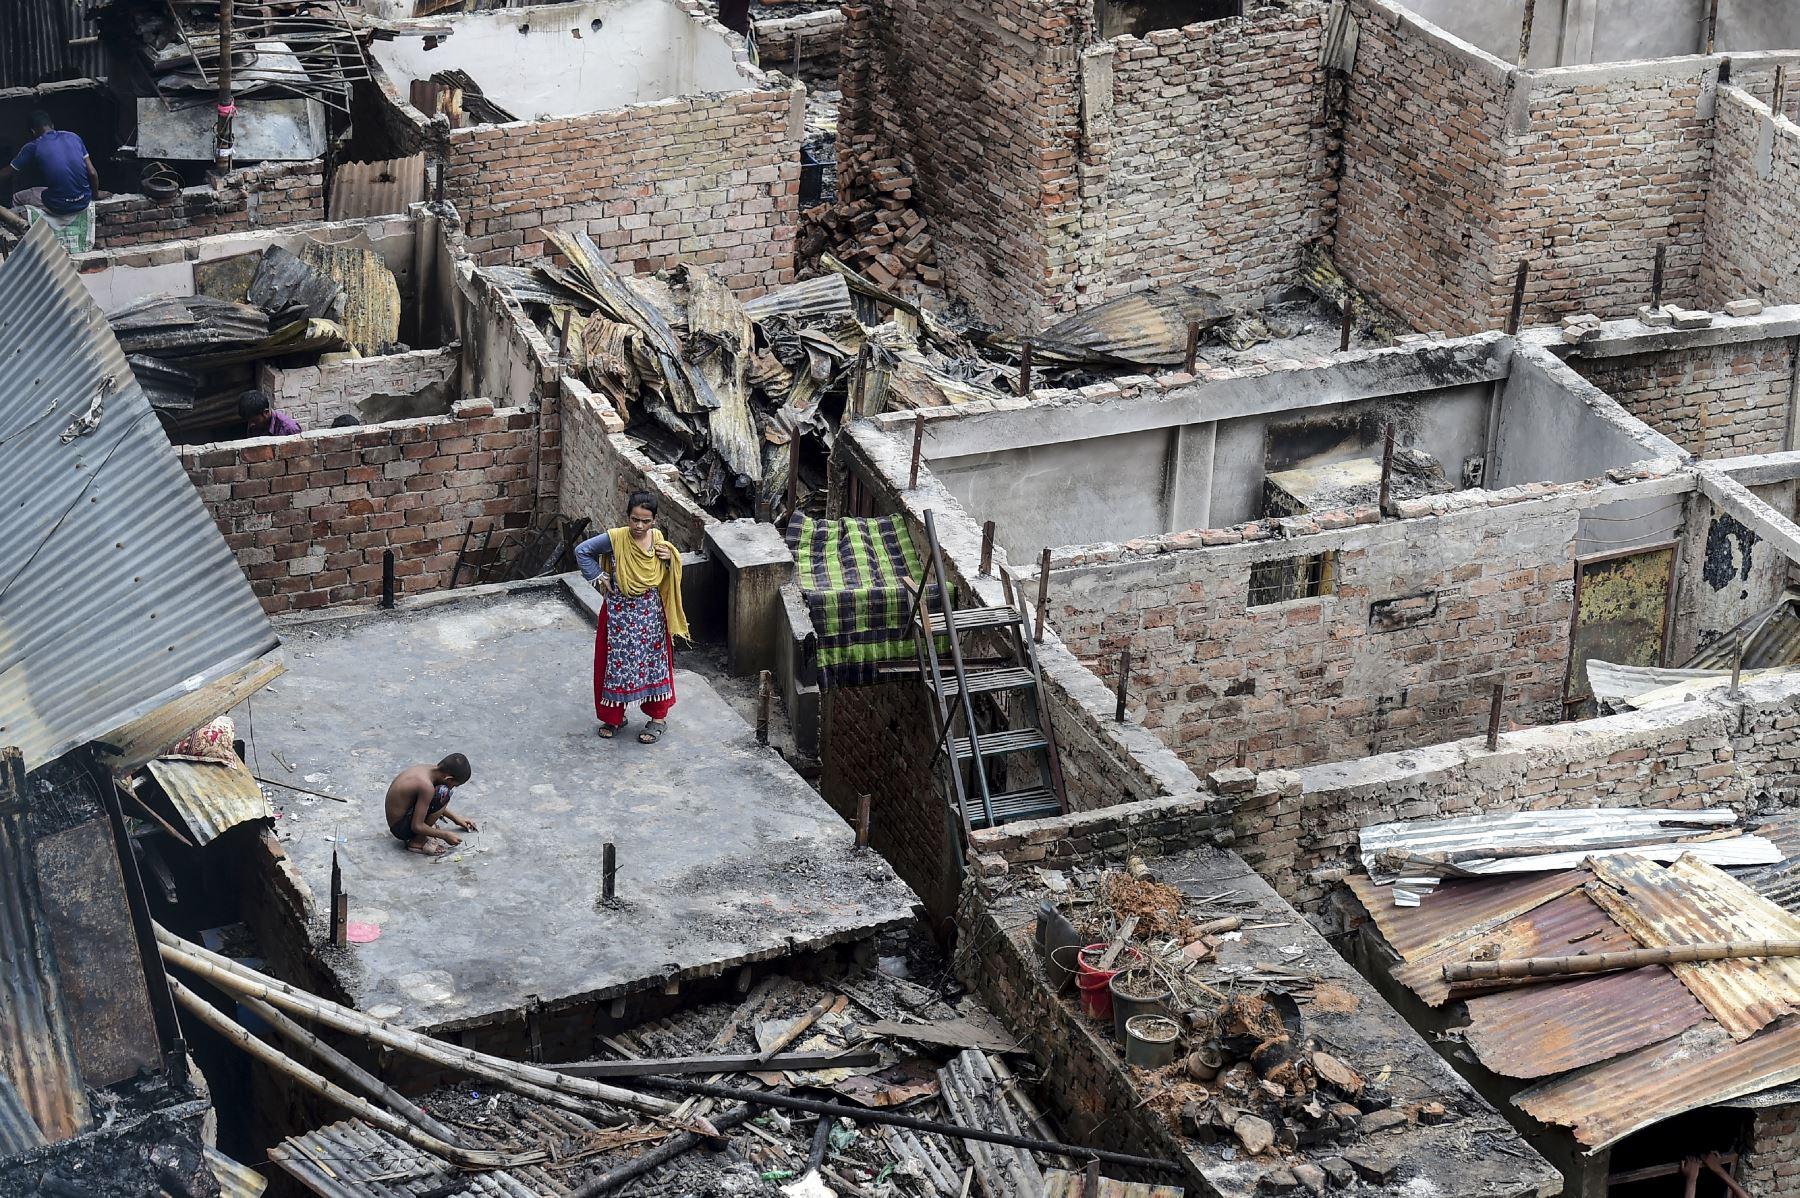 Un niño juega en el techo de una casa quemada en un barrio pobre de Dhaka  después de que un incendio  en el vecindario de Mirpur. Al menos 10,000 personas están sin hogar después de que un incendio masivo arrasó un barrio pobre lleno de gente en la capital de Bangladesh. Foto: AFP